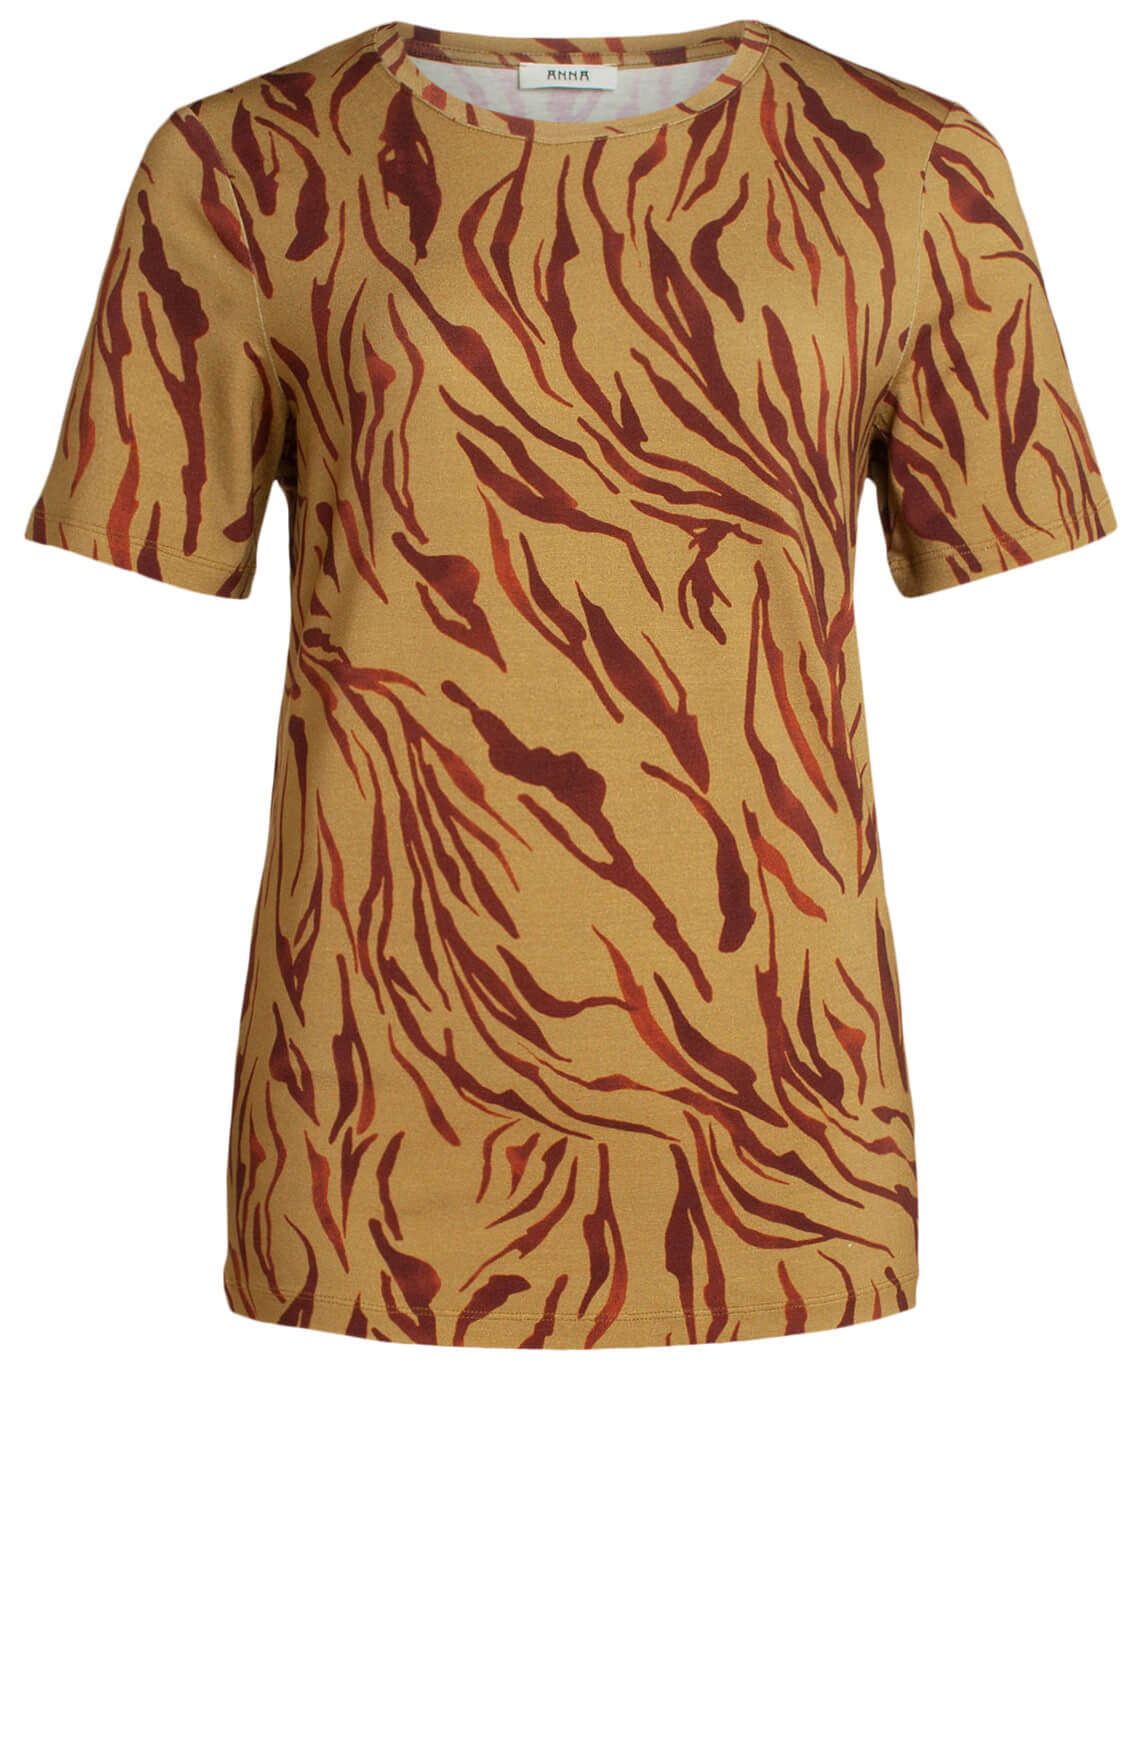 Anna Dames Shirt met animalprint geel